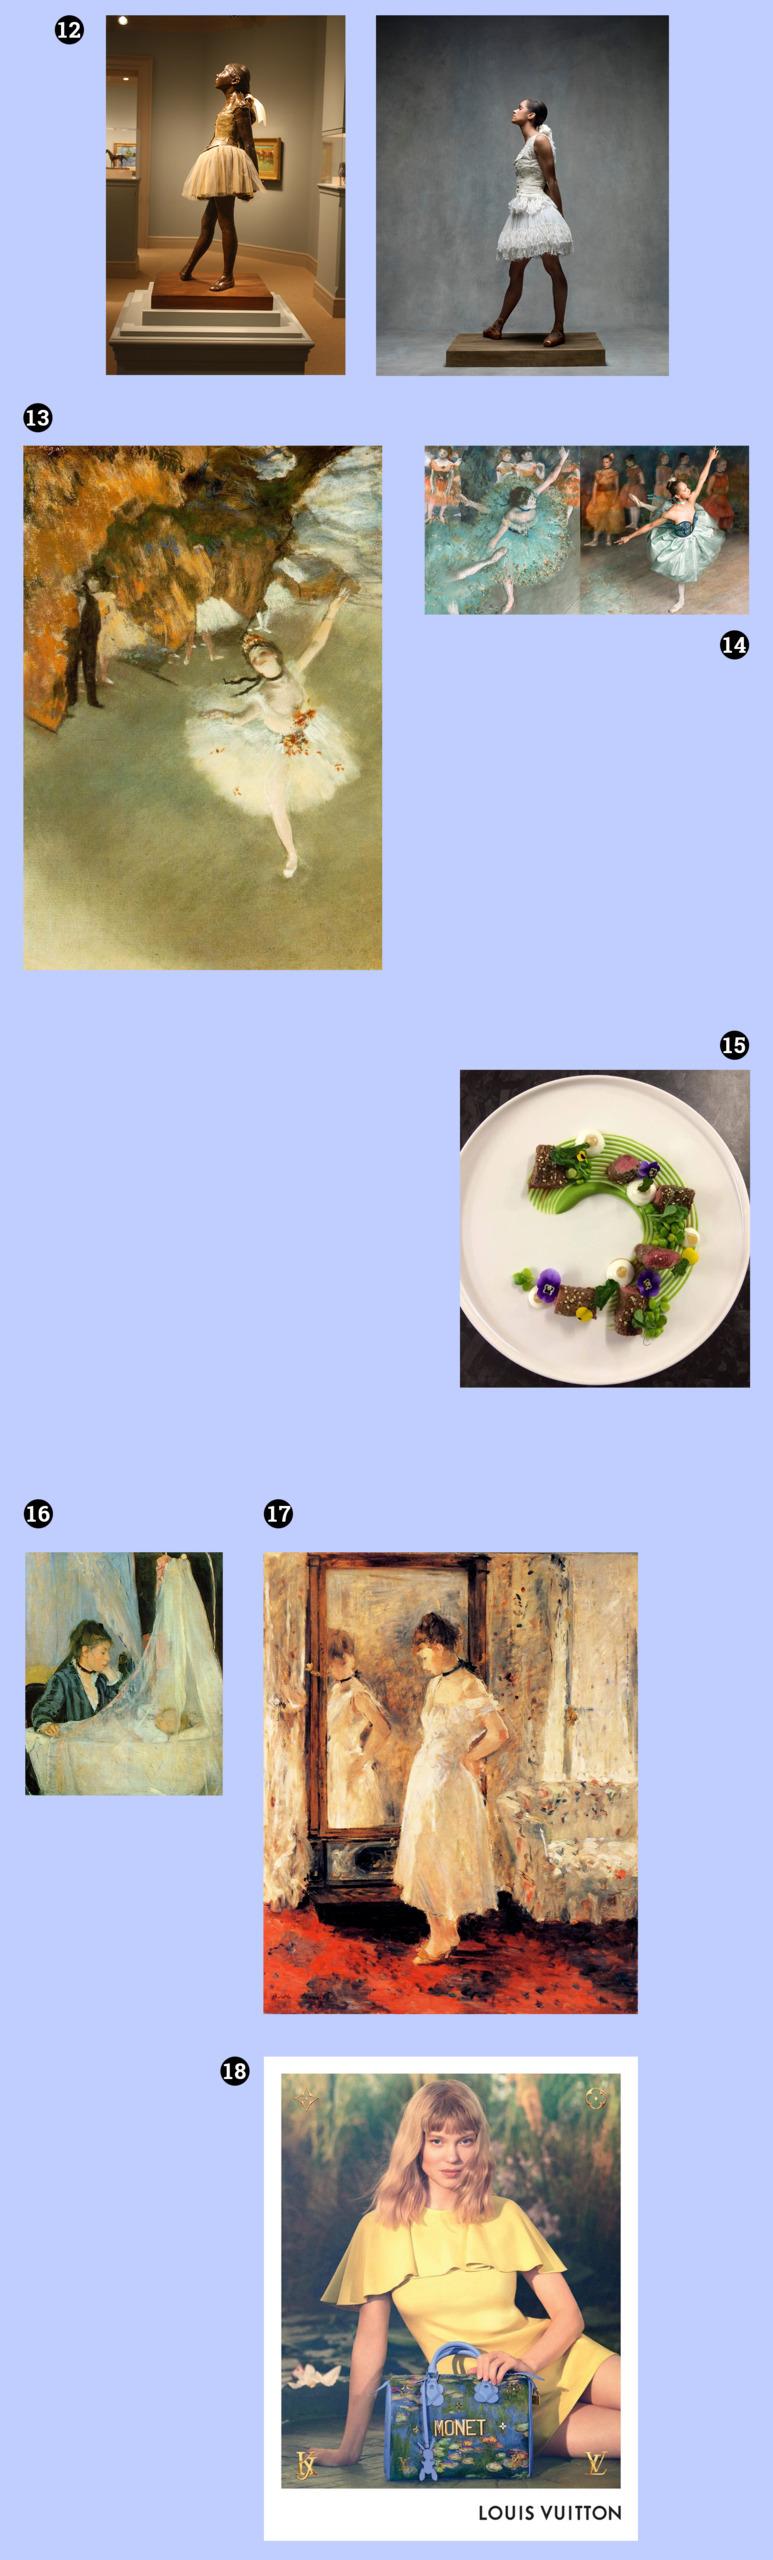 Obraz przedstawia fotografie na niebieskim tle. Widzimy rzeźbę baletnicy, kobietę pozującą na wzór rzeźby, obrazy znanego artysty, talerz z potrawą, fotografie przedstawiającą siedzącą kobietę z torebką.